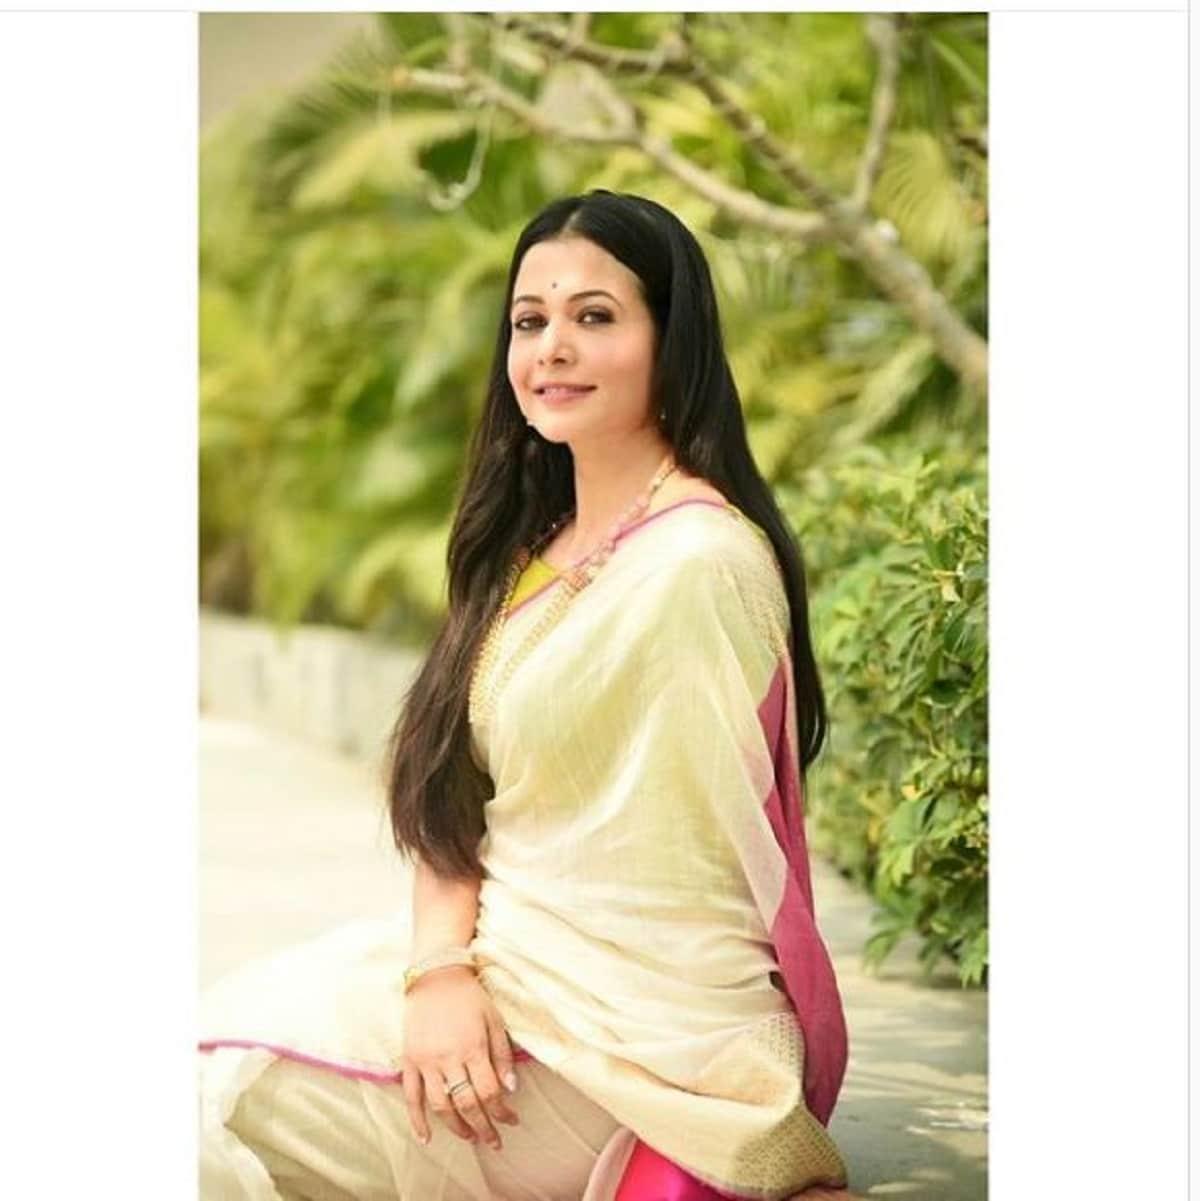 হালকা সাজে অপরূপা কোয়েল। জানালেন নববর্ষের শুভেচ্ছা। photo source Instagram